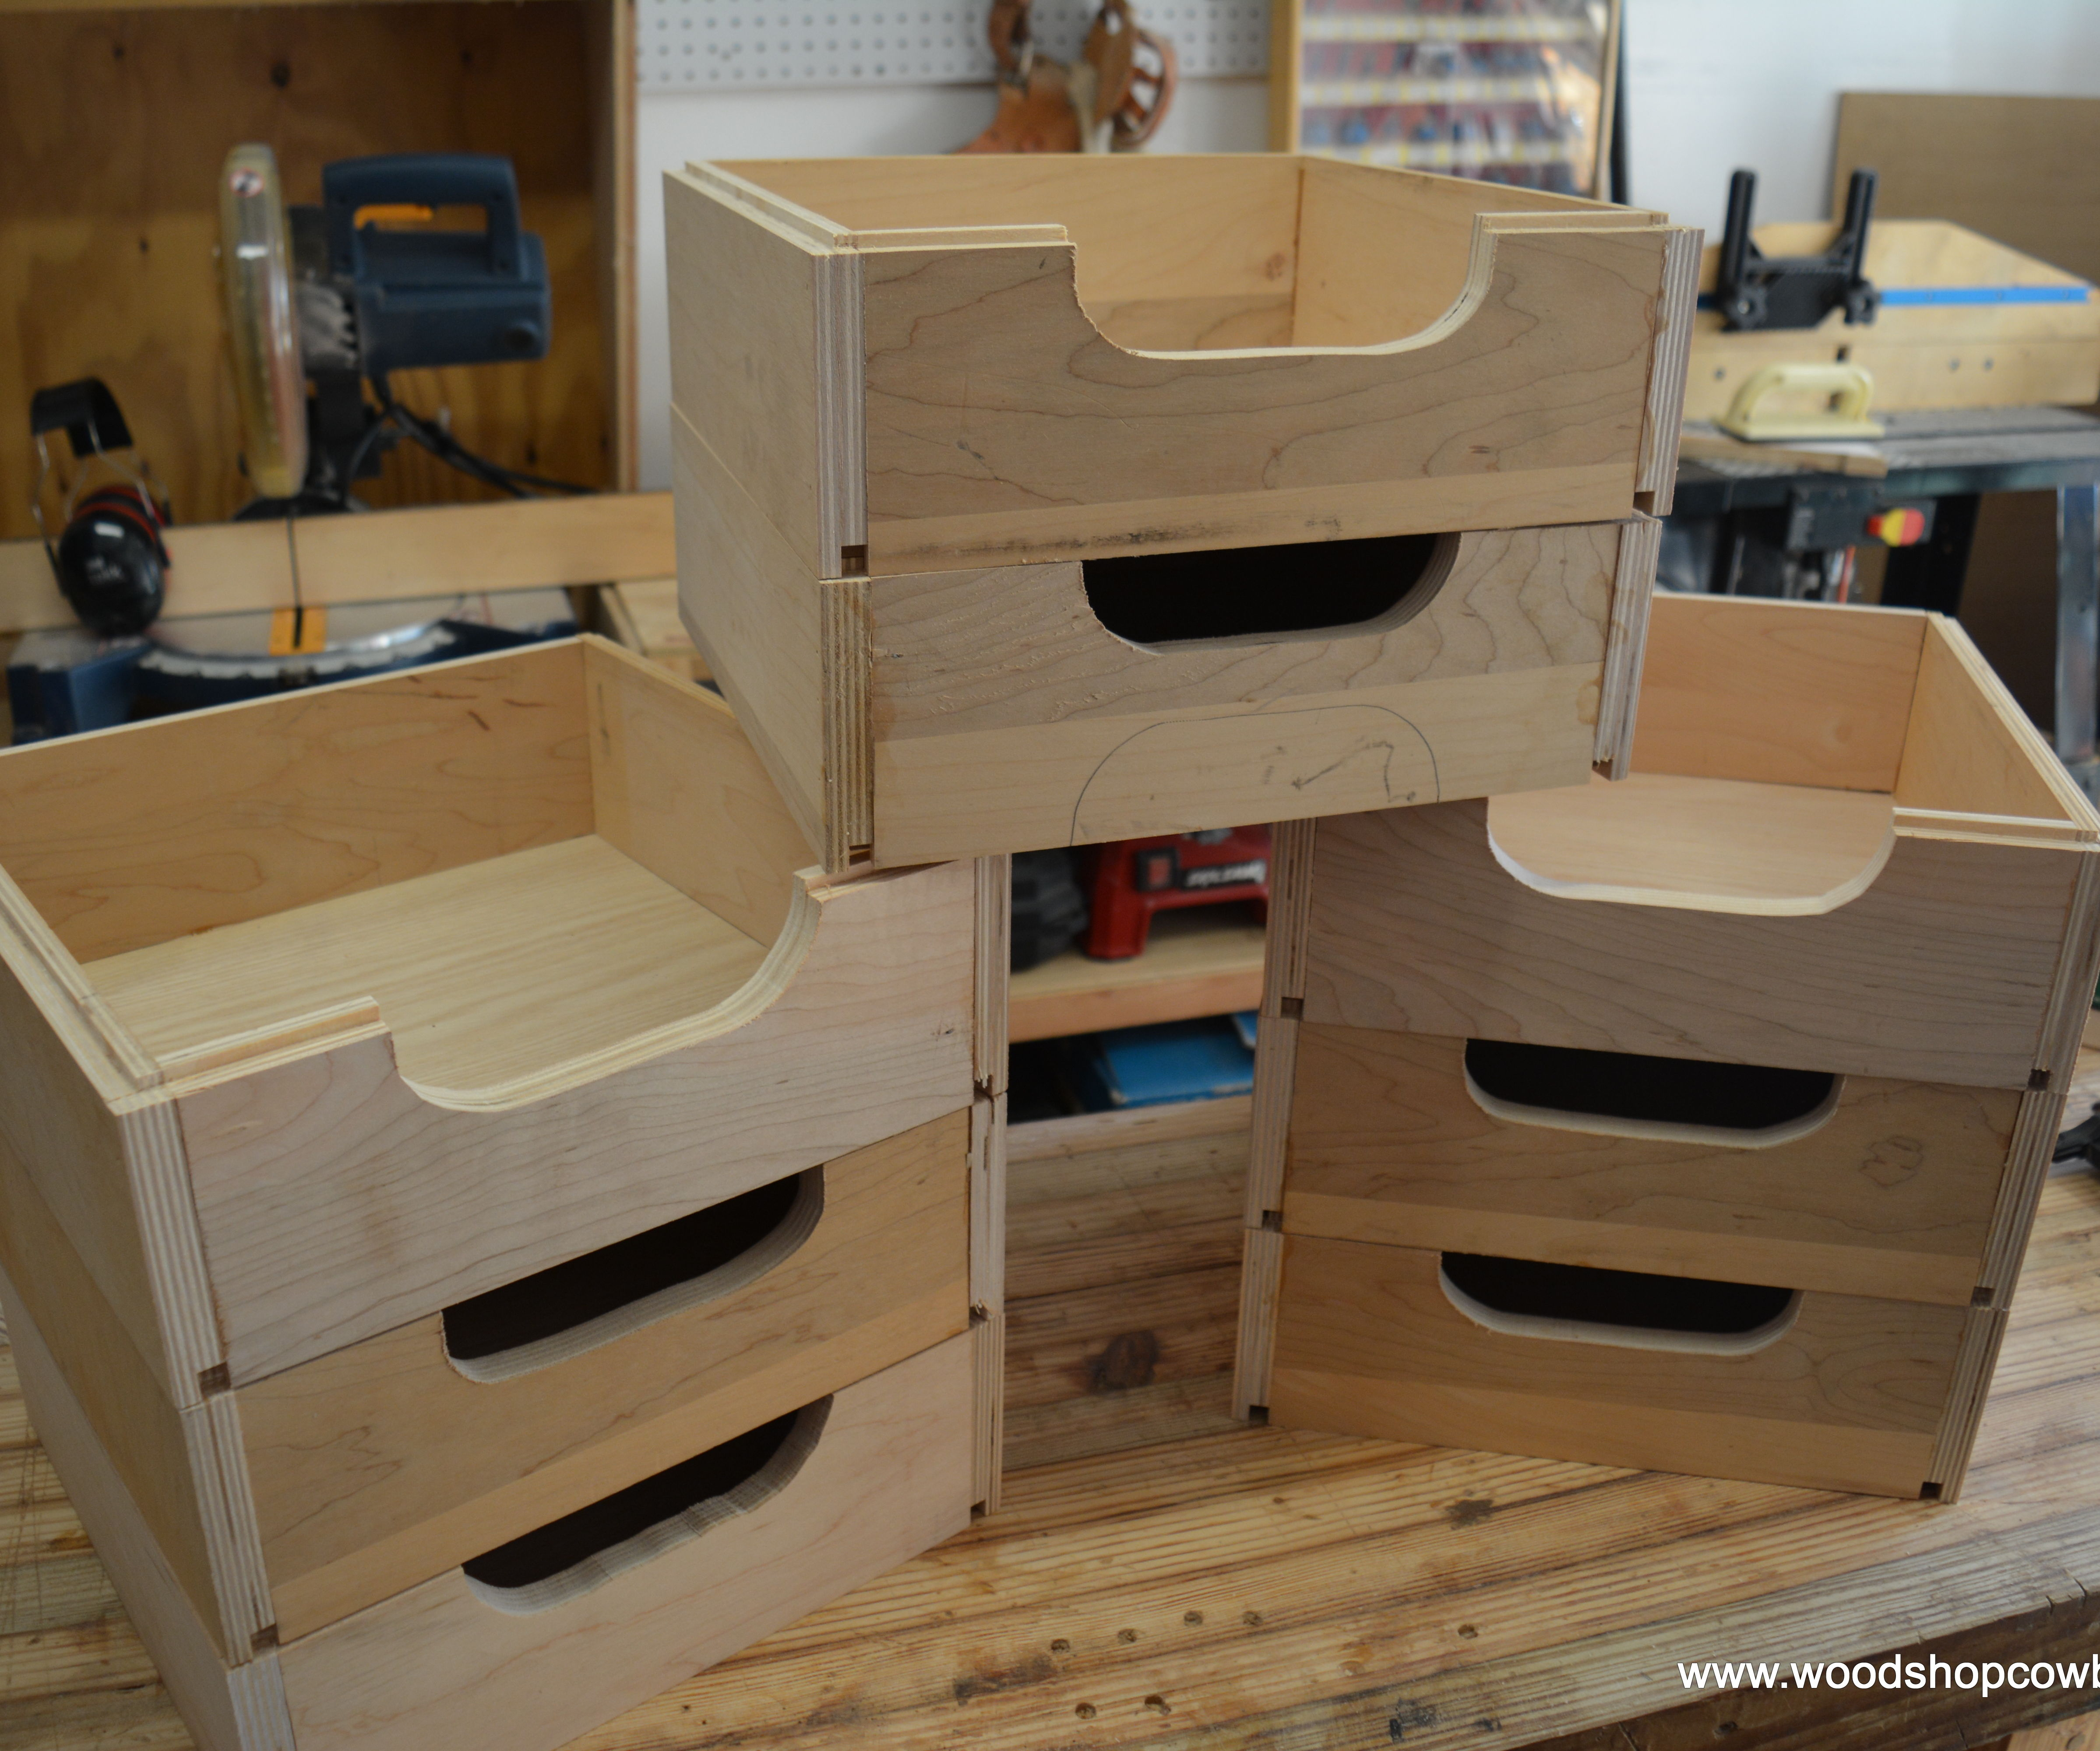 Stackable Shop Storage Boxes